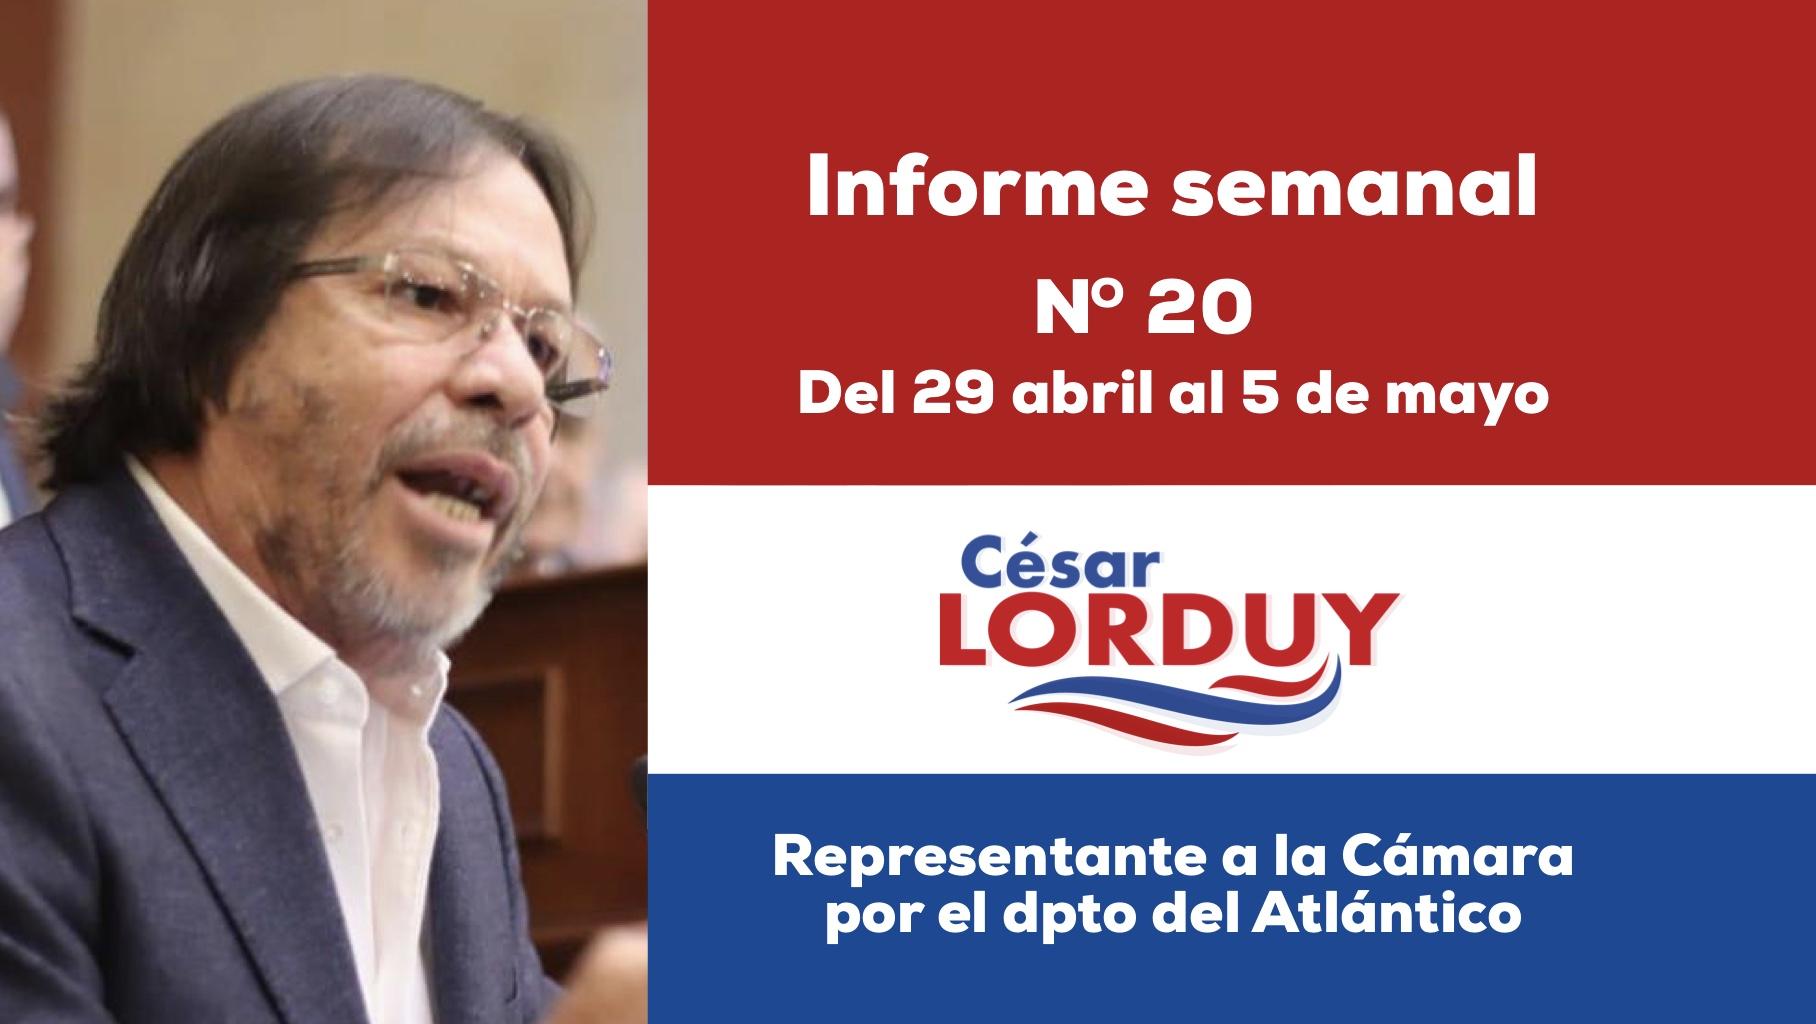 Informe semanal Nº 20 del Representante a la Cámara por el departamento del Atlántico, Cesar Lorduy 3